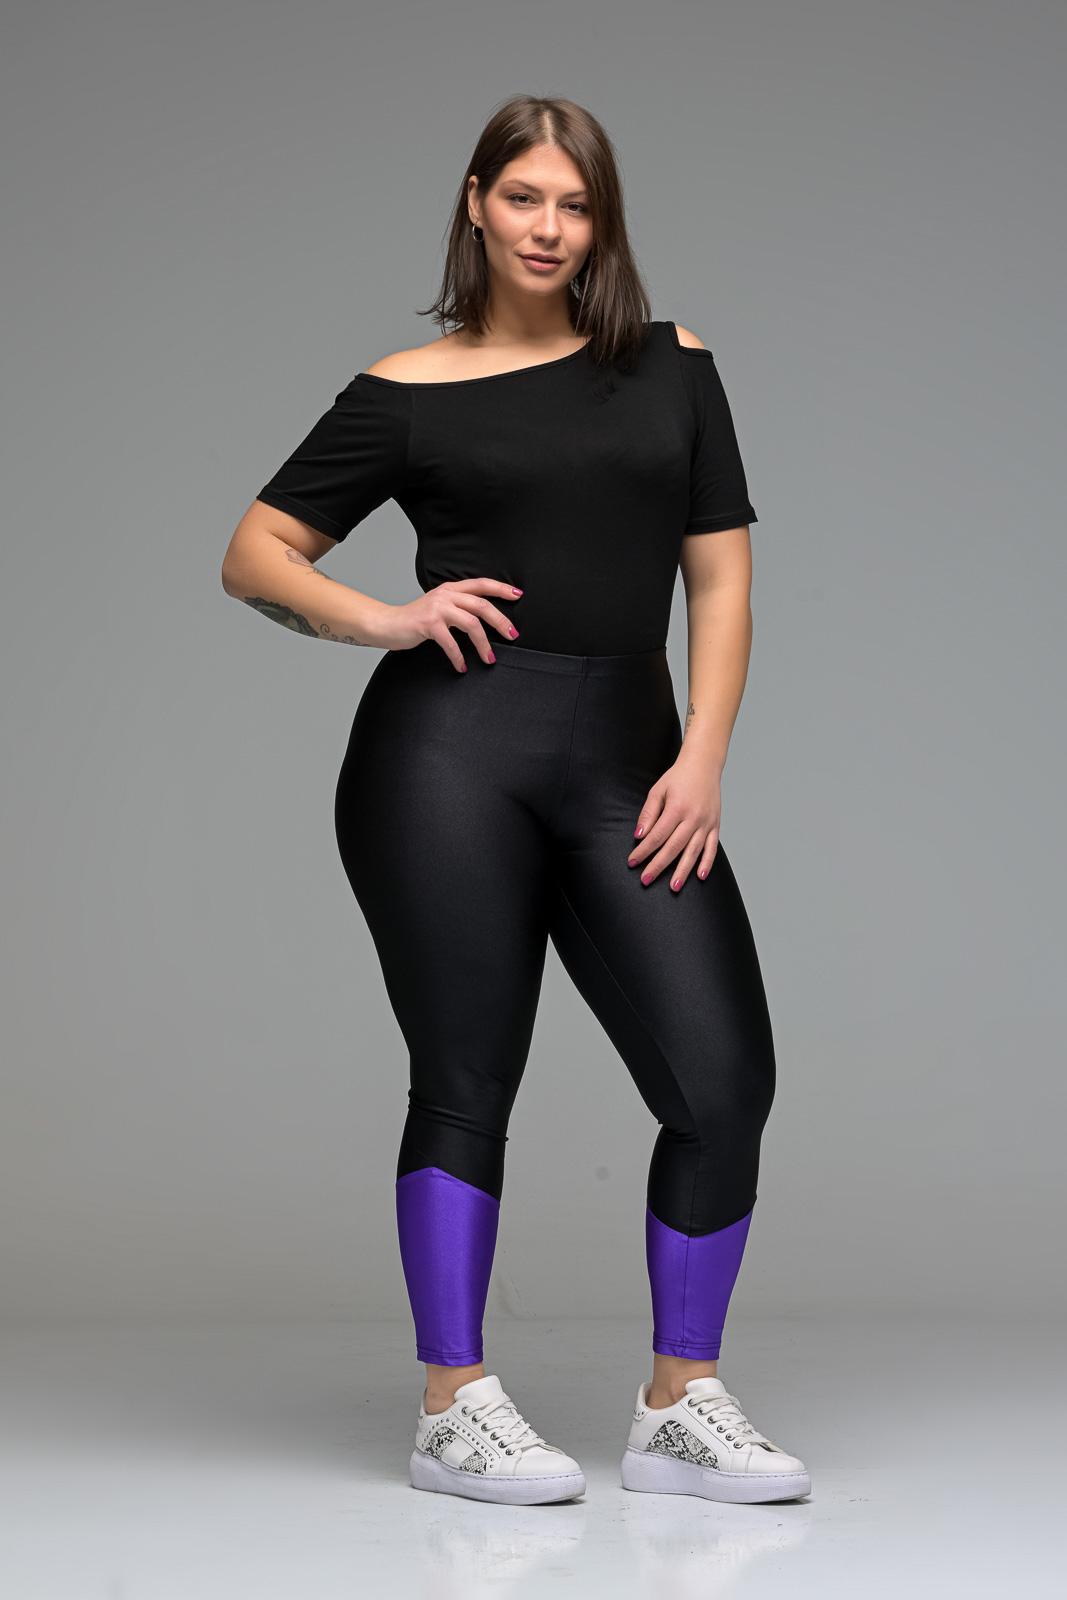 Κολάν λύκρα μαύρο/μοβ  ψηλόμεσο ελαστικό